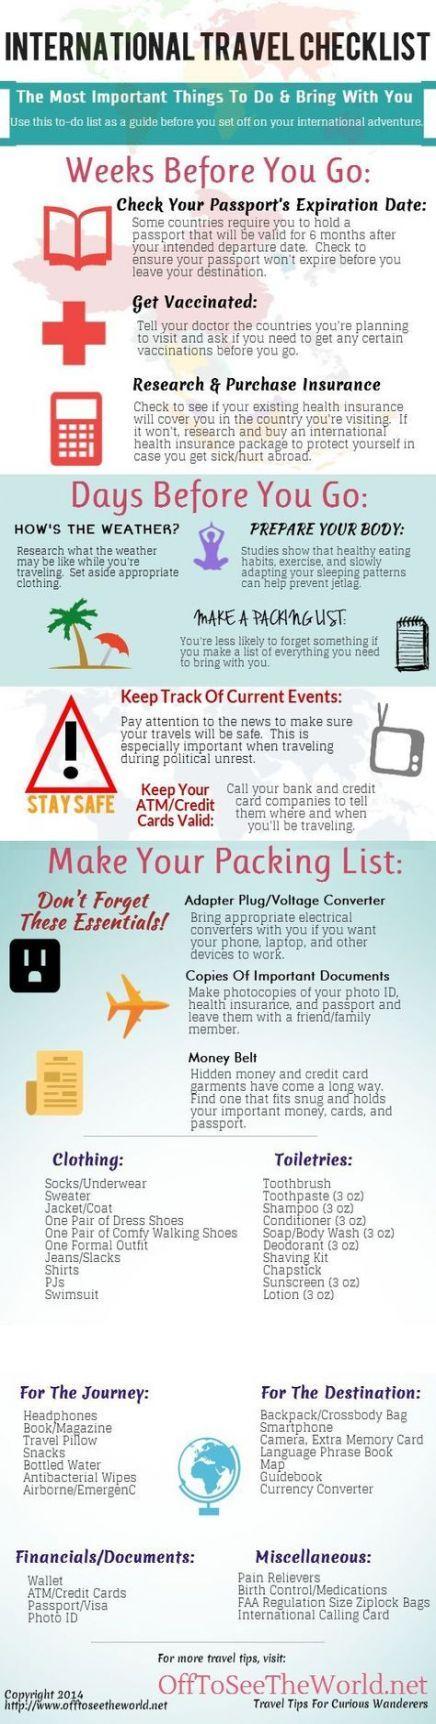 66+ idee di viaggio super idee che fanno i bagagli per ottenere